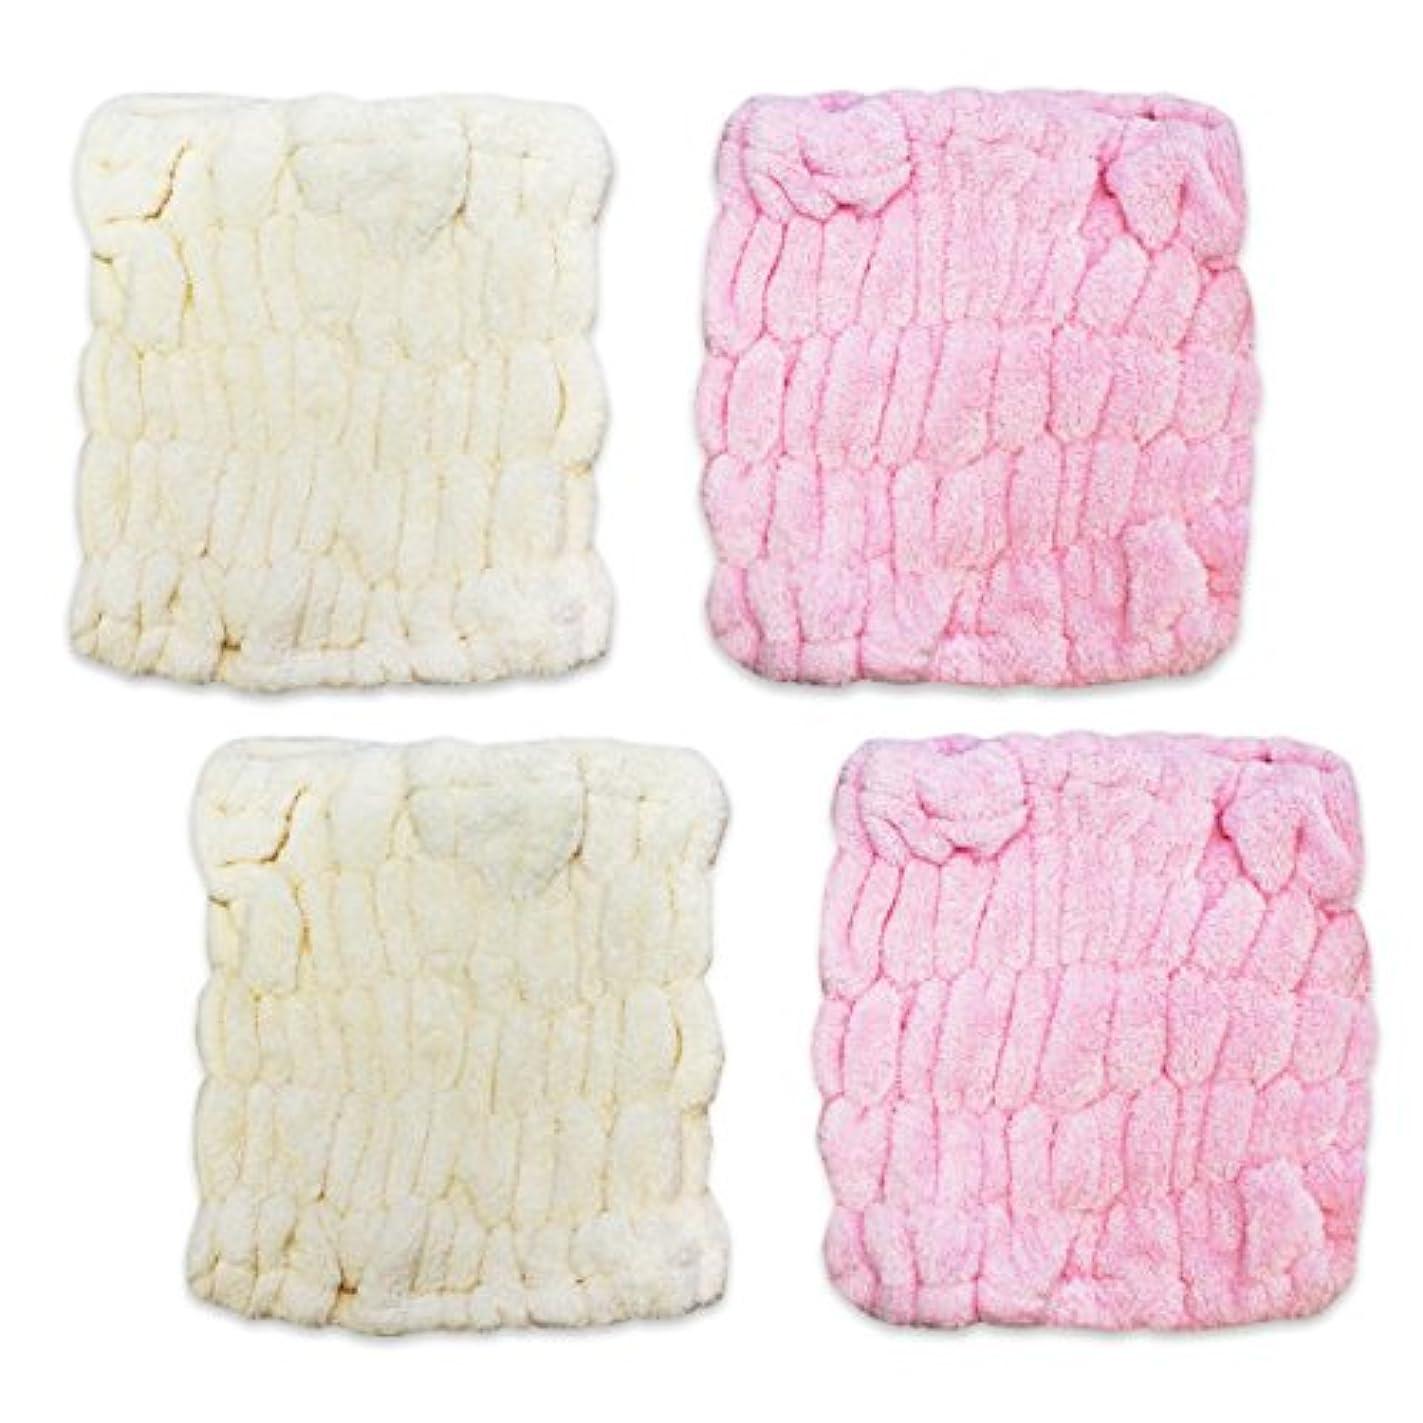 ブリリアントワイヤー思われるふんわり 柔らか マイクロ ファイバー 吸水 ヘアターバン 2色 4枚組(ピンク&アイボリー)